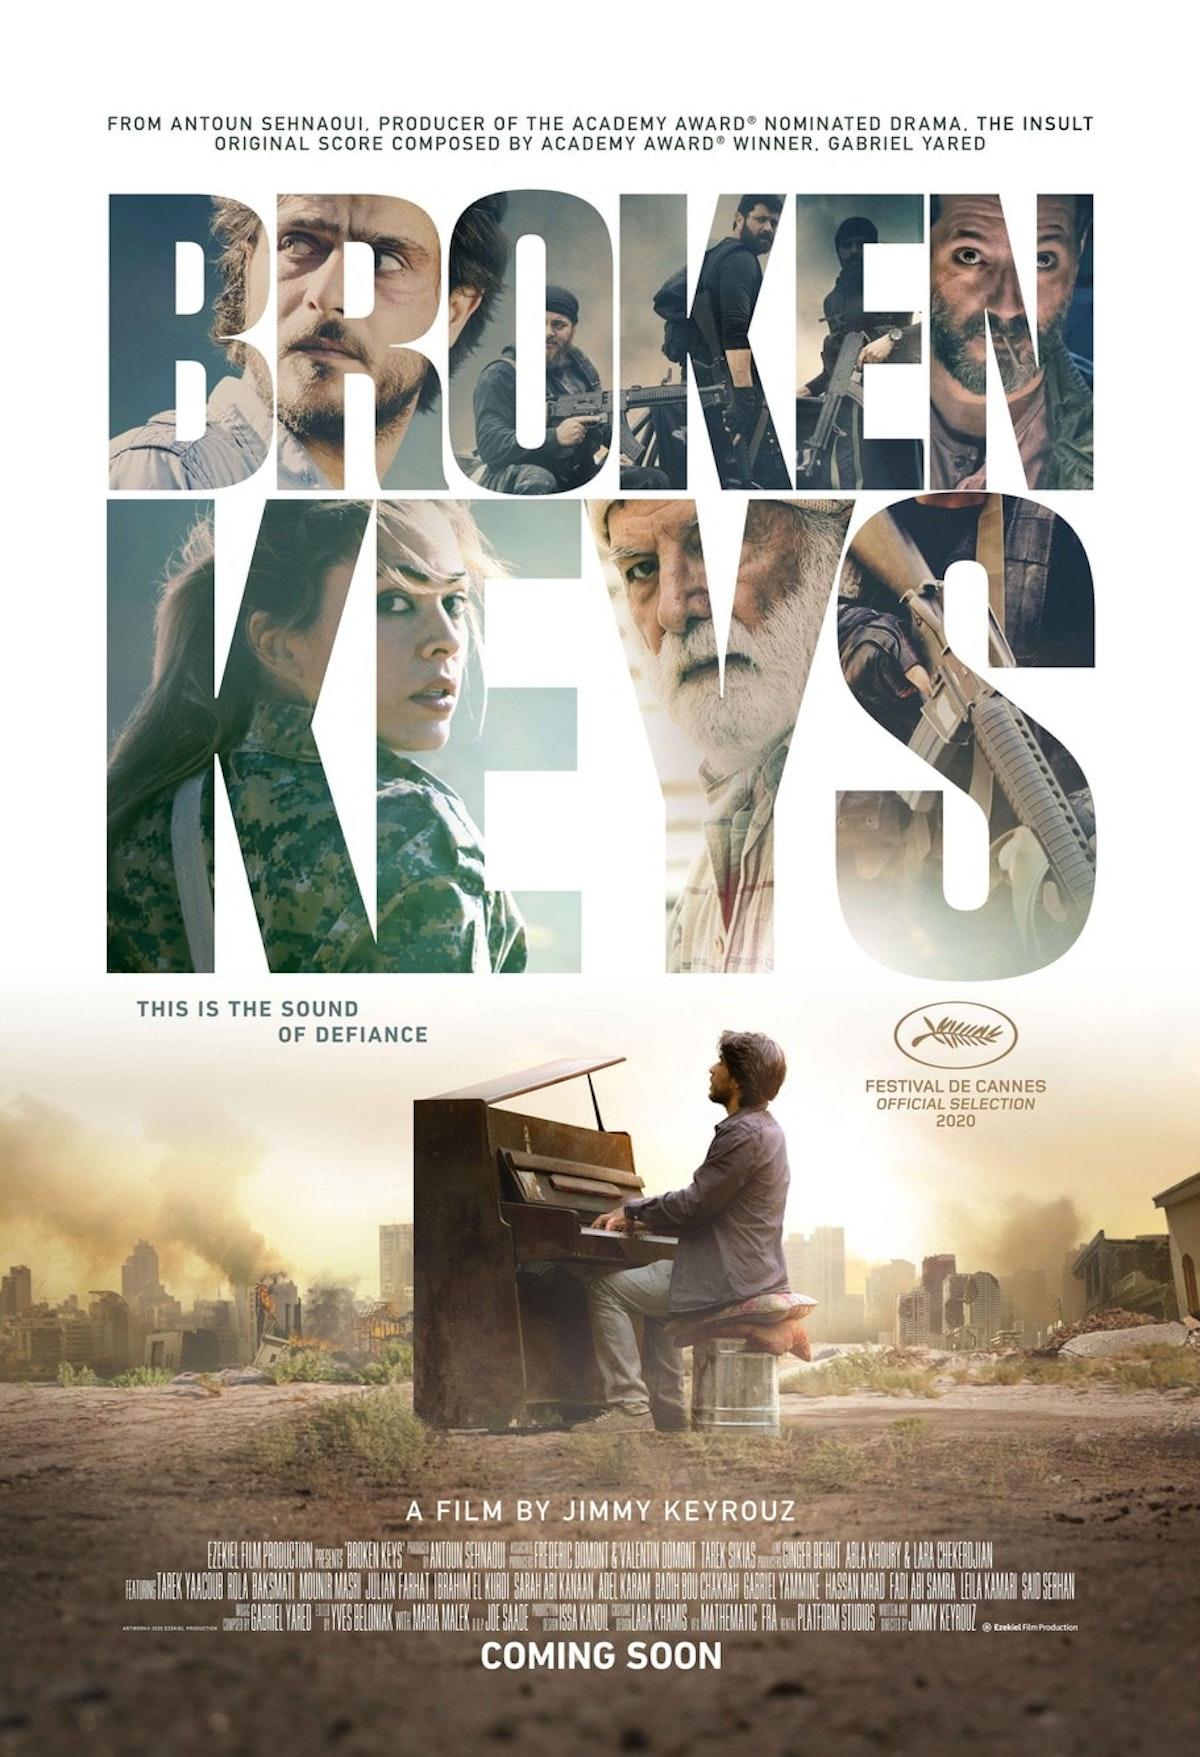 """الملصق الدعائي لفيلم """"مفاتيح متكسرة"""" للمخرج جيمي كيروز - facebook.com/jimmy.keyrouz"""